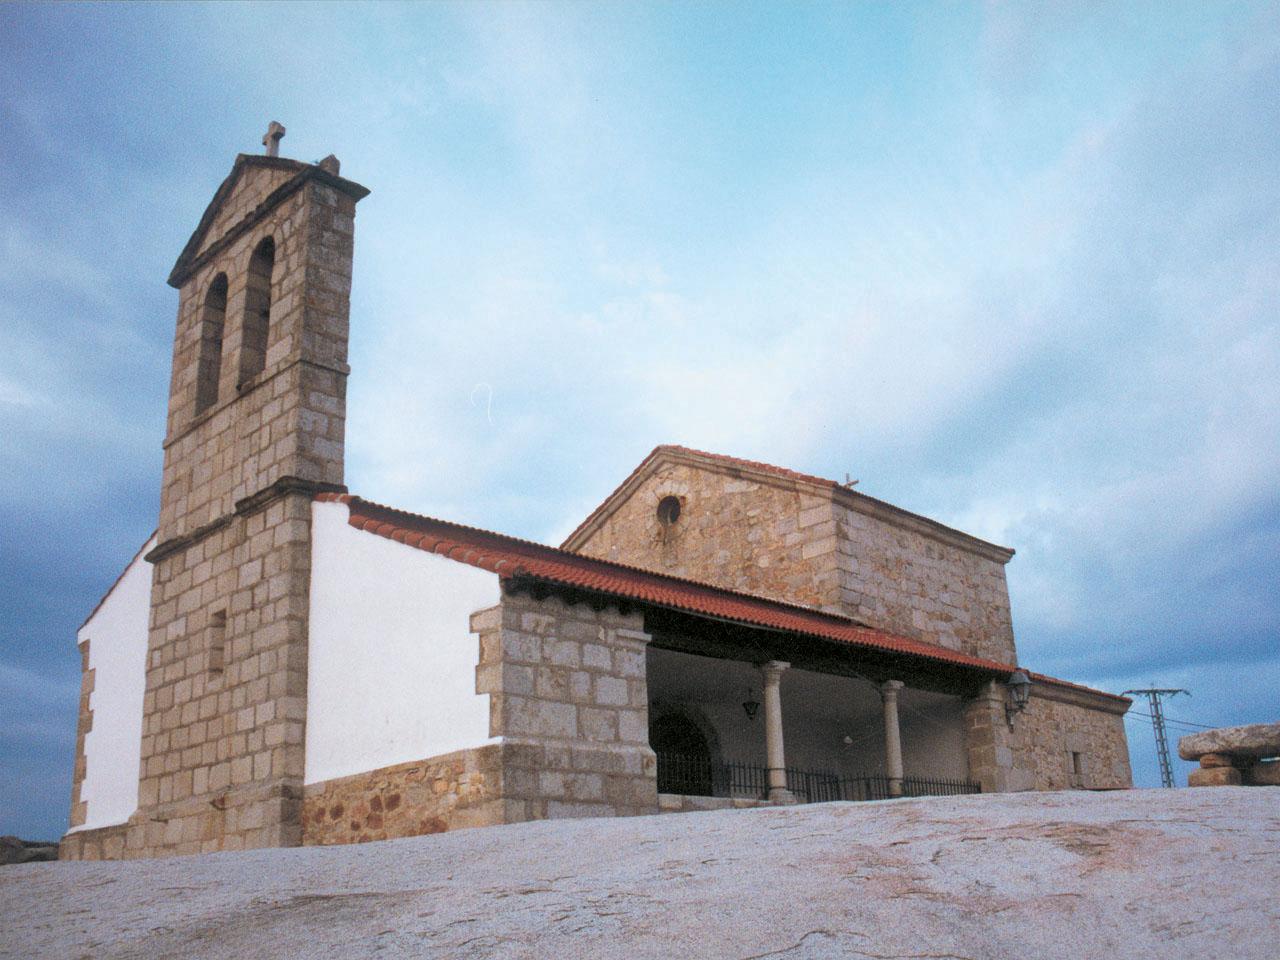 Vista lateral de iglesia en Lozoyuela